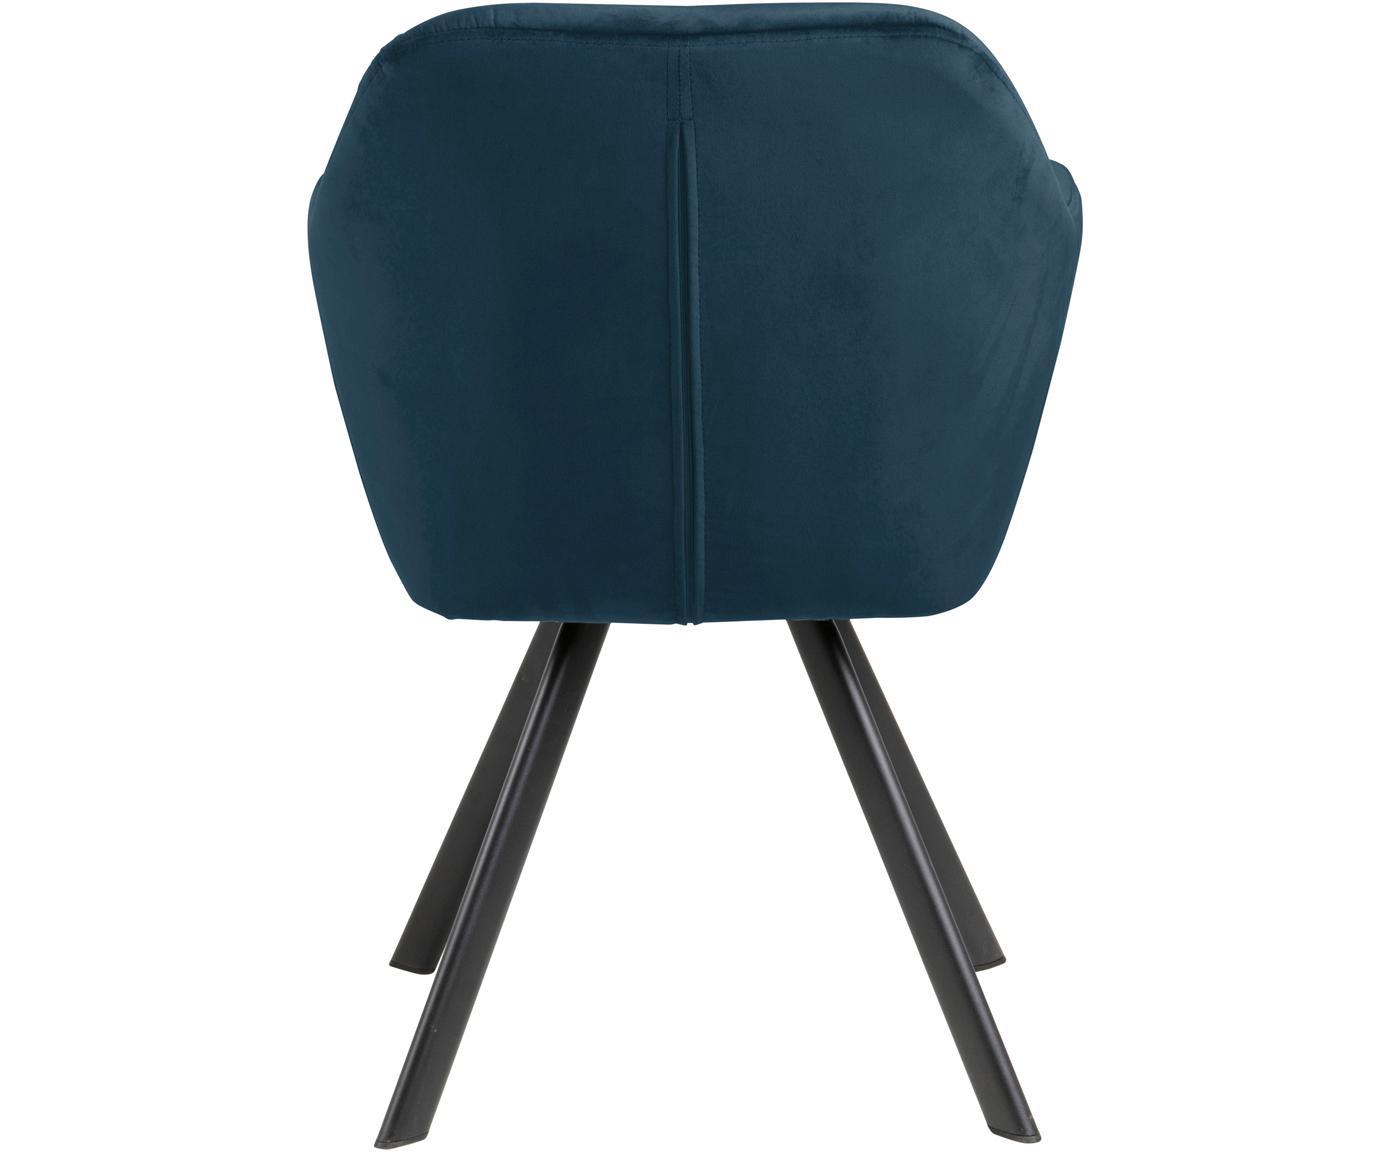 Obrotowe krzesło z podłokietnikami z aksamitu Lucie, Tapicerka: aksamit poliestrowy 2500, Nogi: metal malowany proszkowo, Ciemnyniebieski, czarny, S 58 x G 62 cm